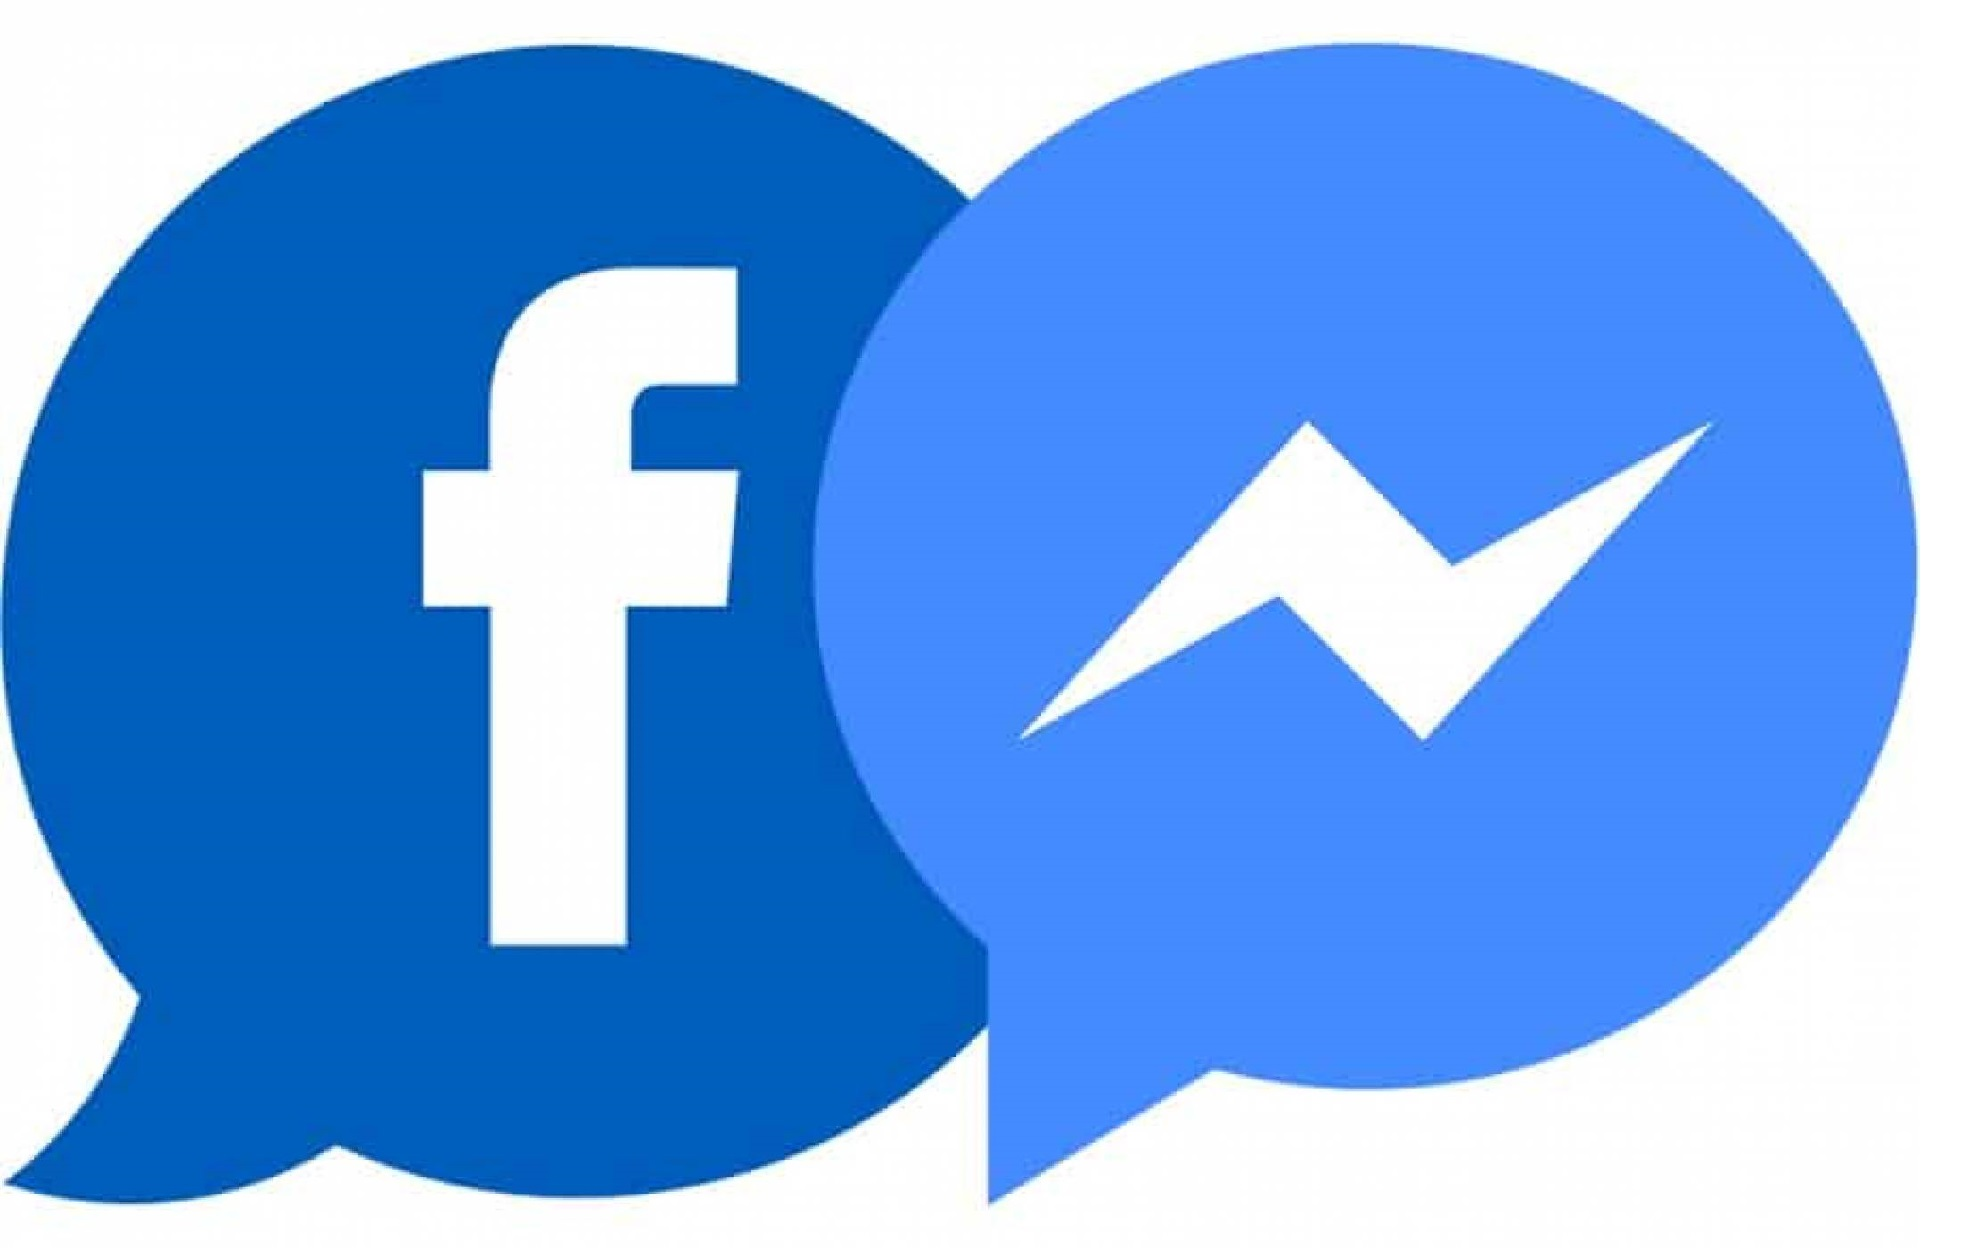 วิธีติดตั้งปลั๊กอิน-Facebook-Messenger-บนเว็บไซต์